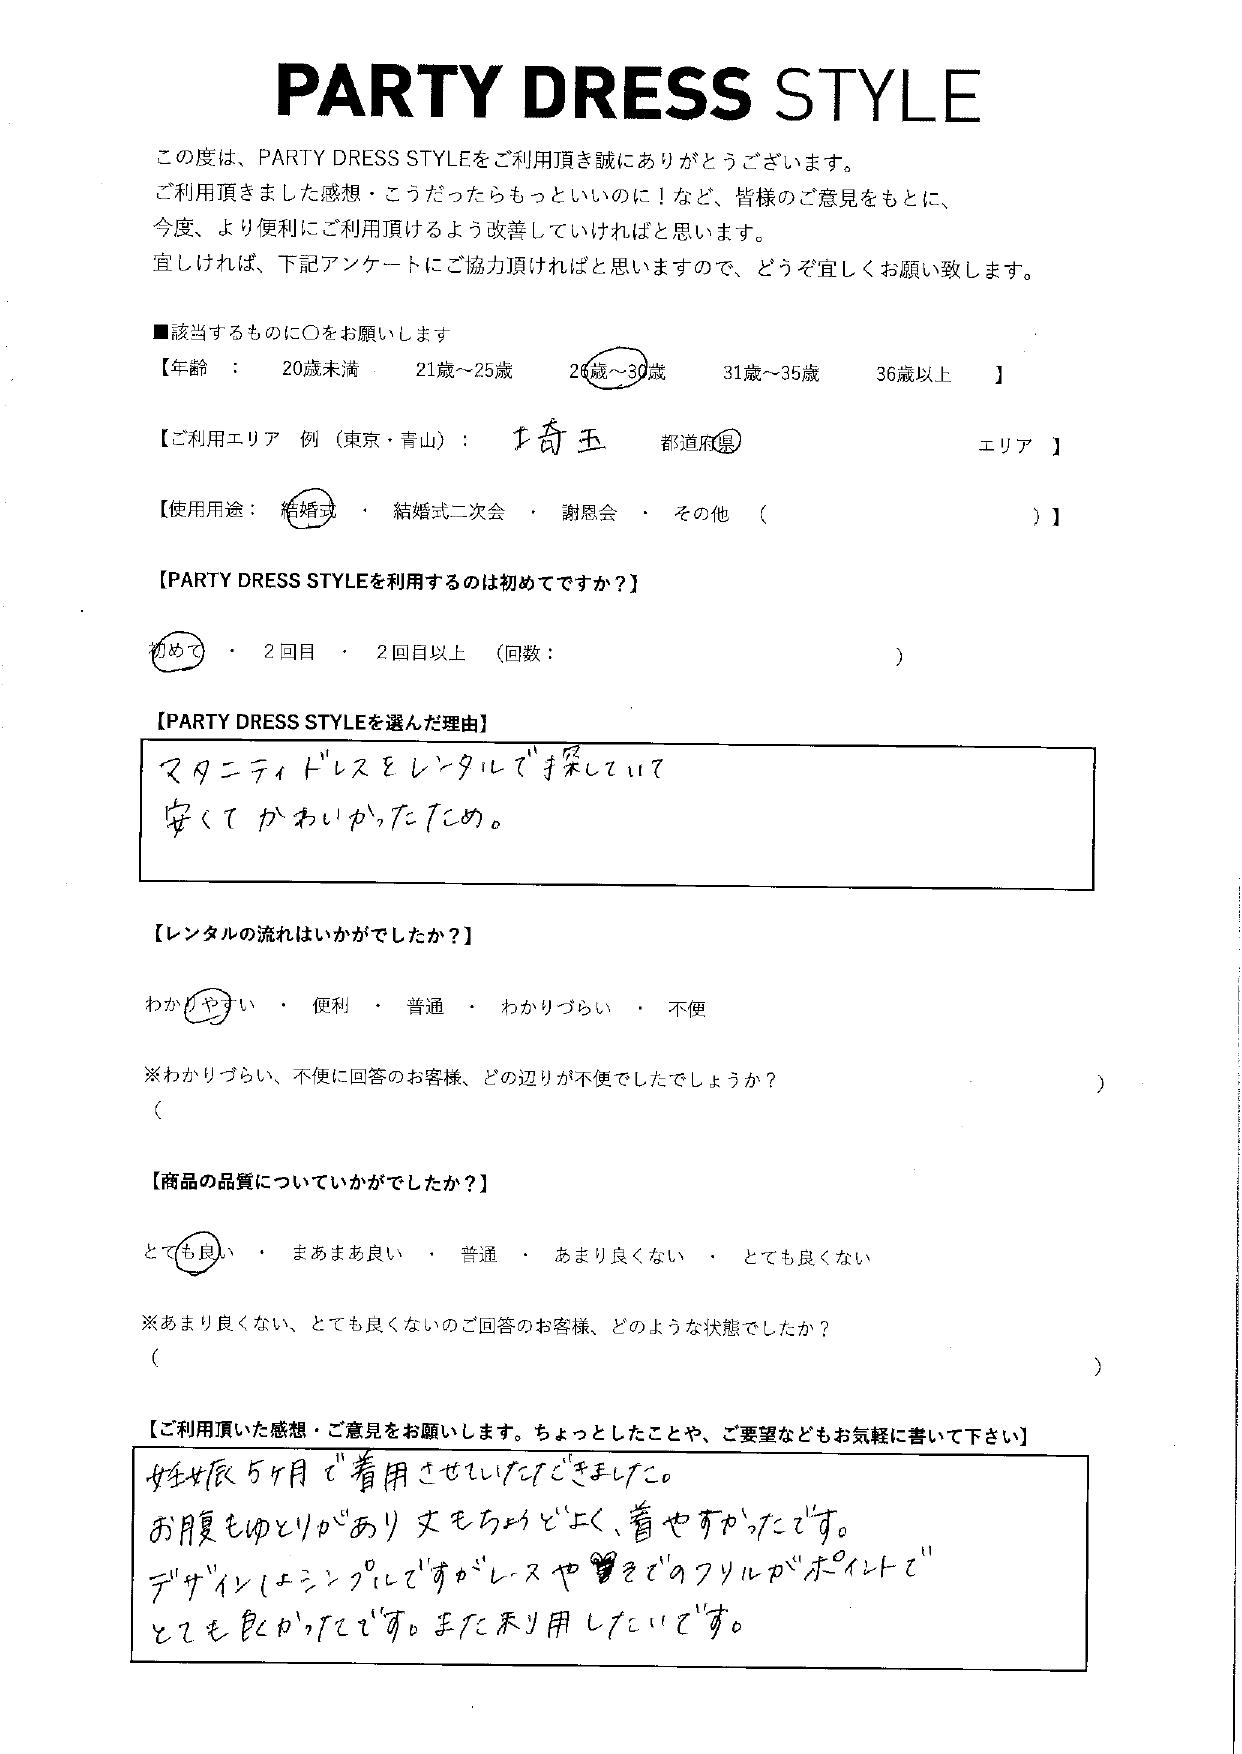 11/8結婚式ご利用 埼玉エリア